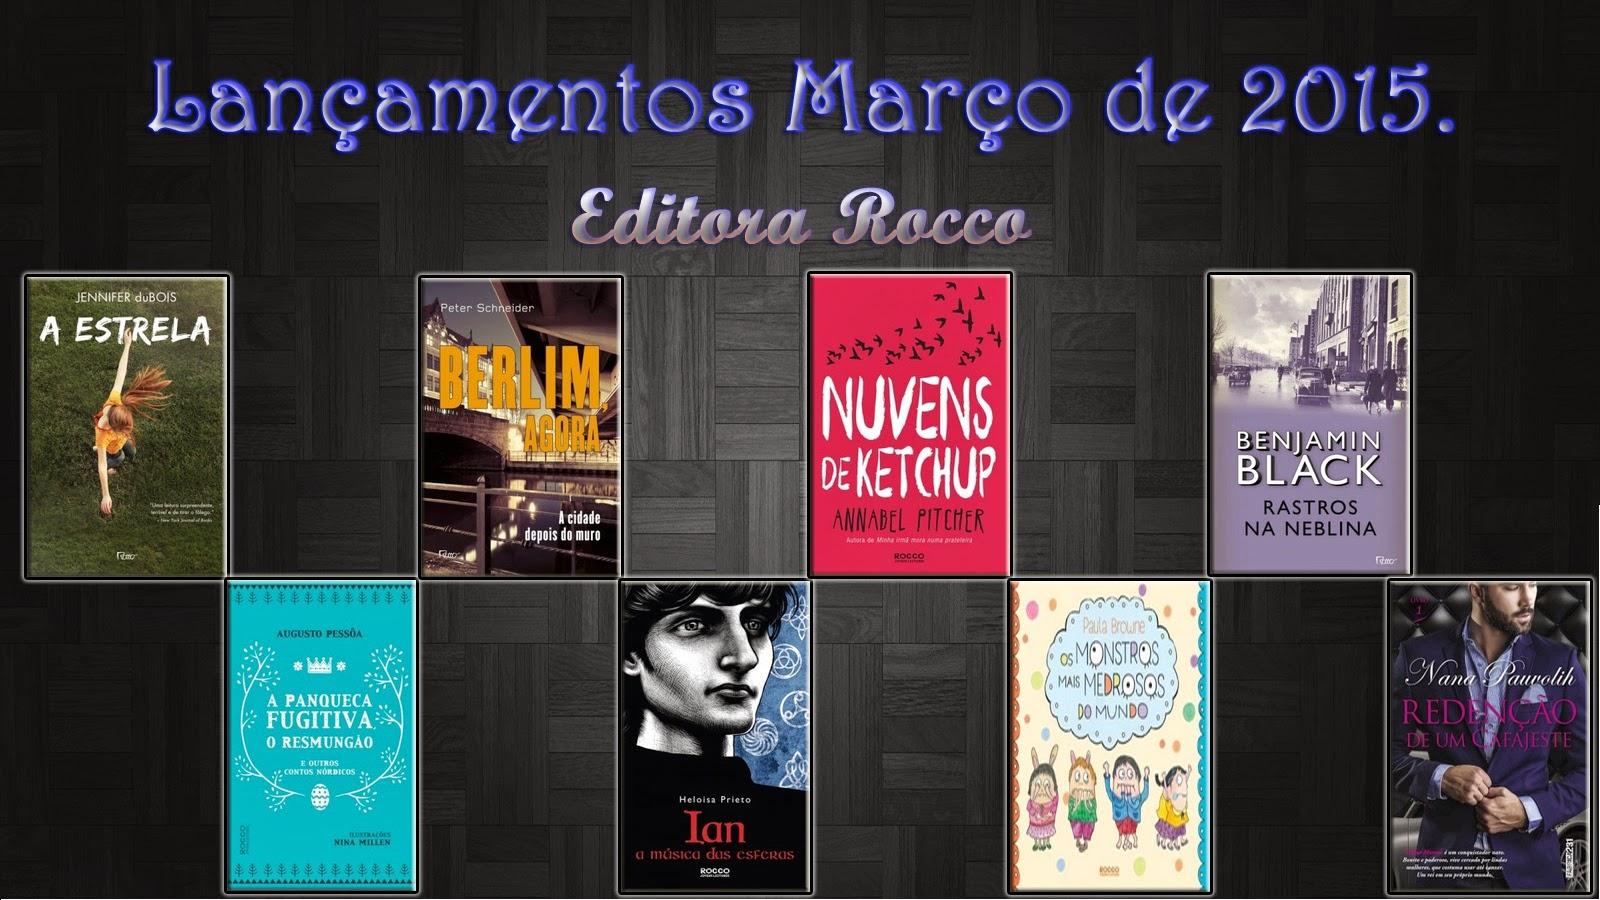 http://livrosetalgroup.blogspot.com.br/p/blog-page_18.html